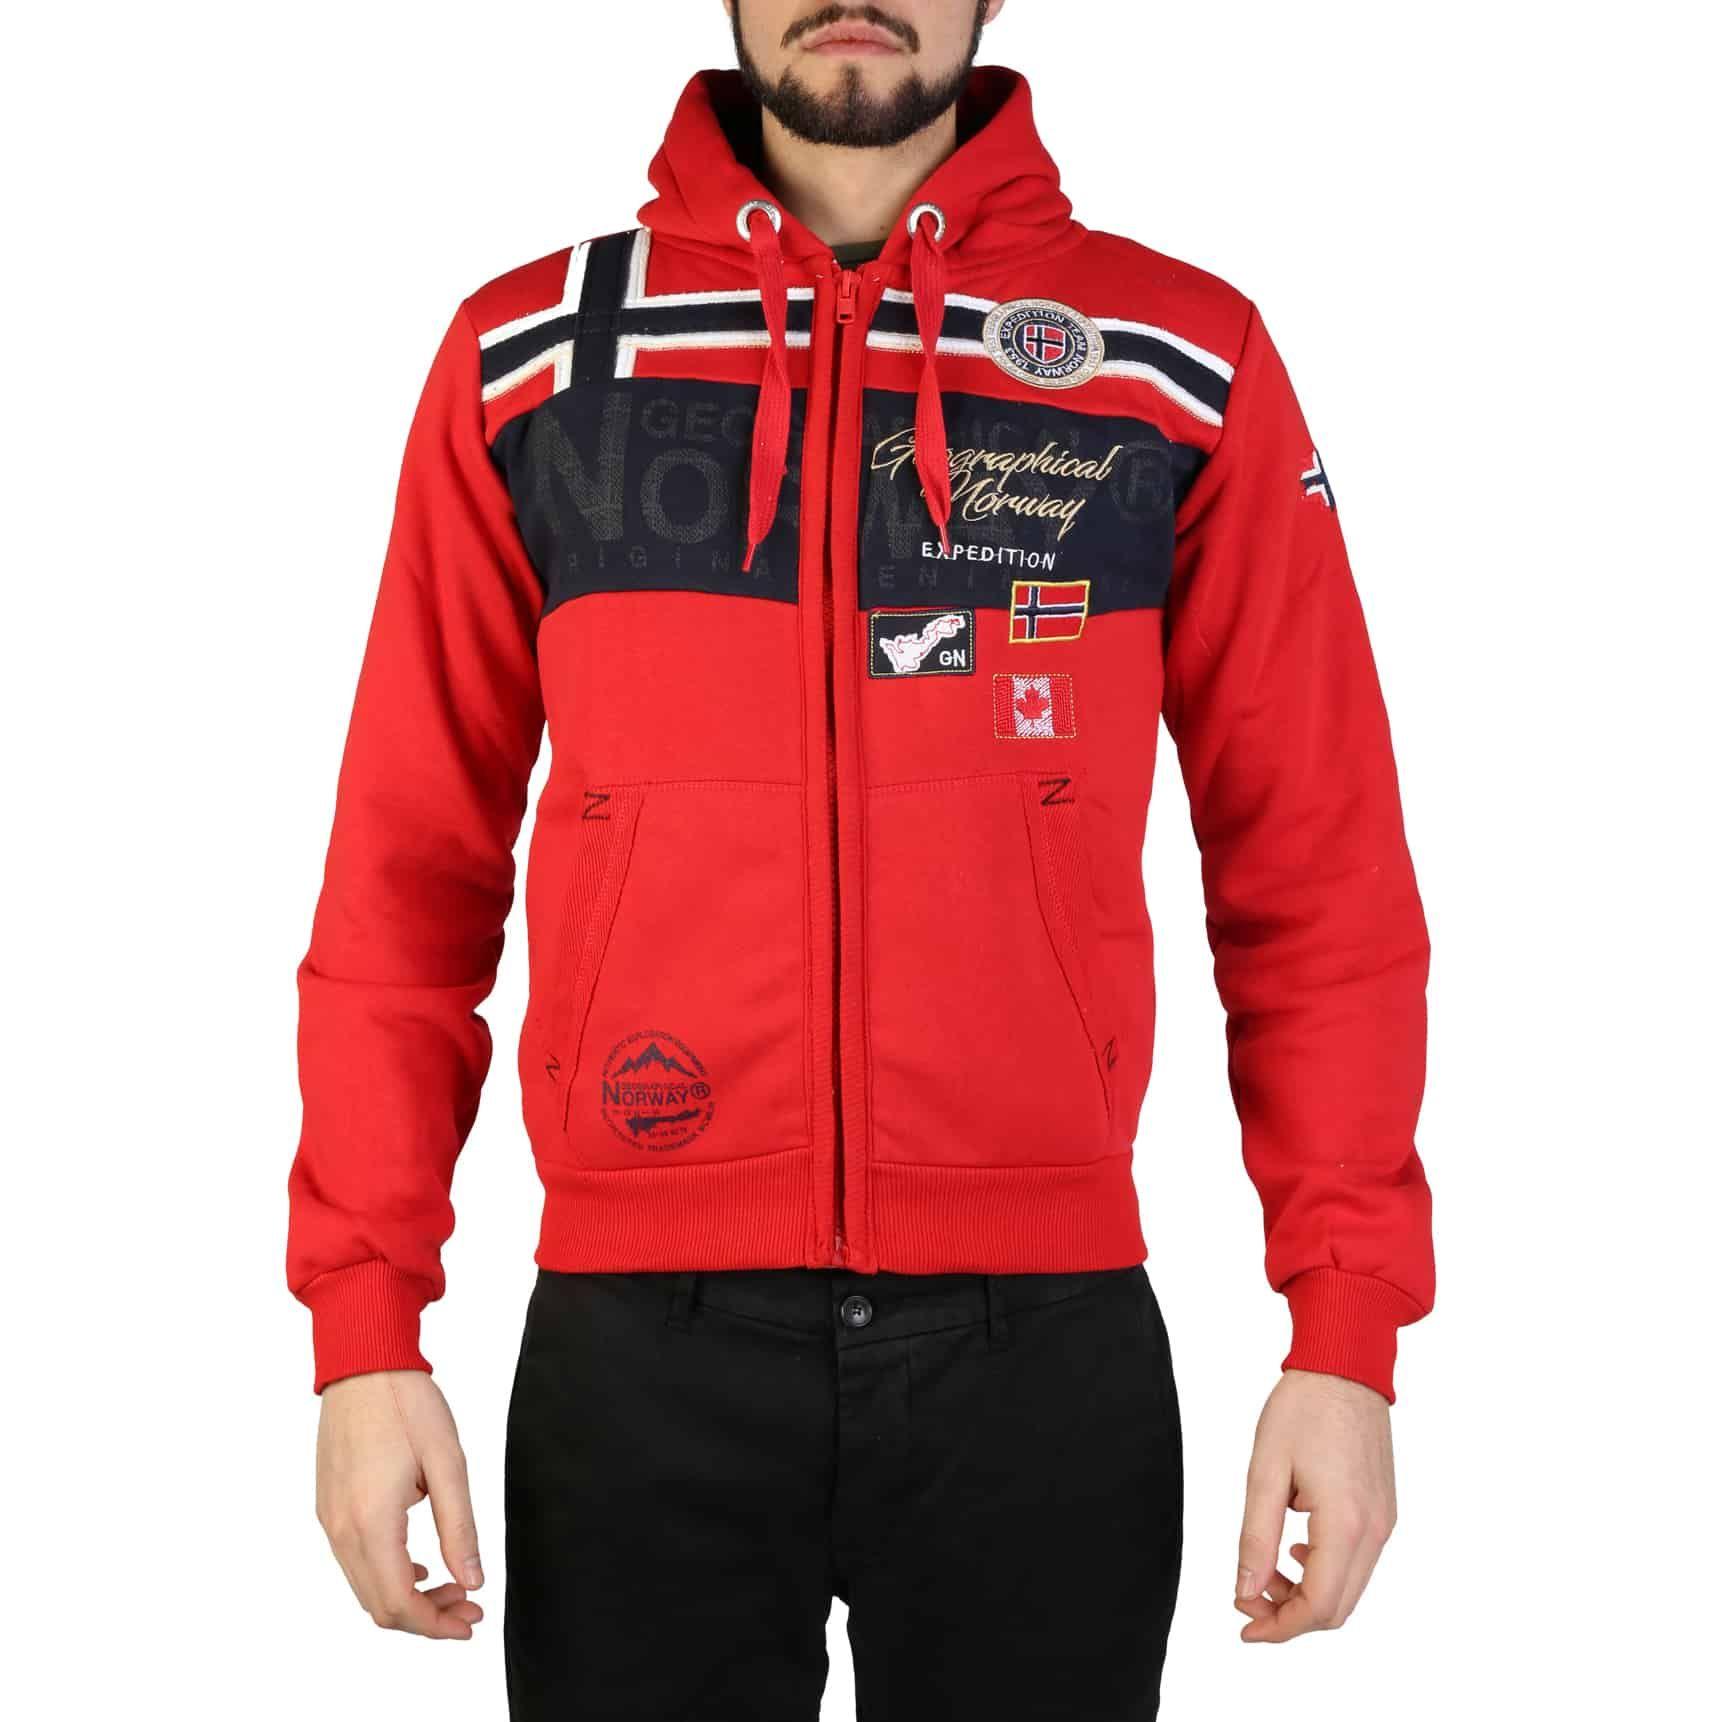 Sweat-shirts Geographical Norway – Garadock_man